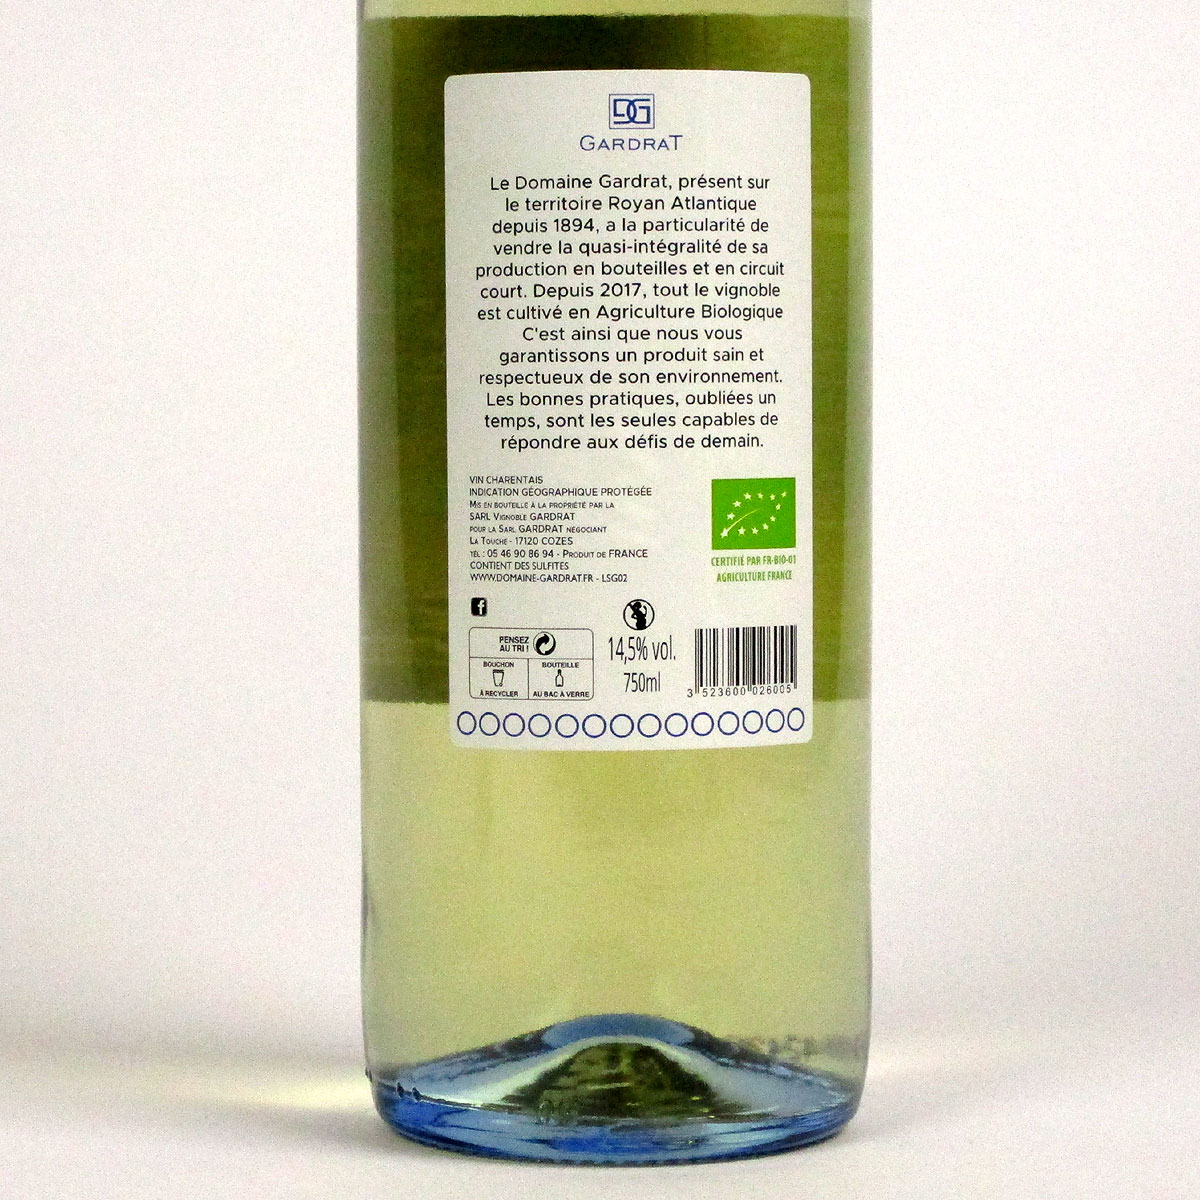 Domaine Gardrat: Vin de Pays Charentais Sauvignon 2020 - Bottle Rear Label